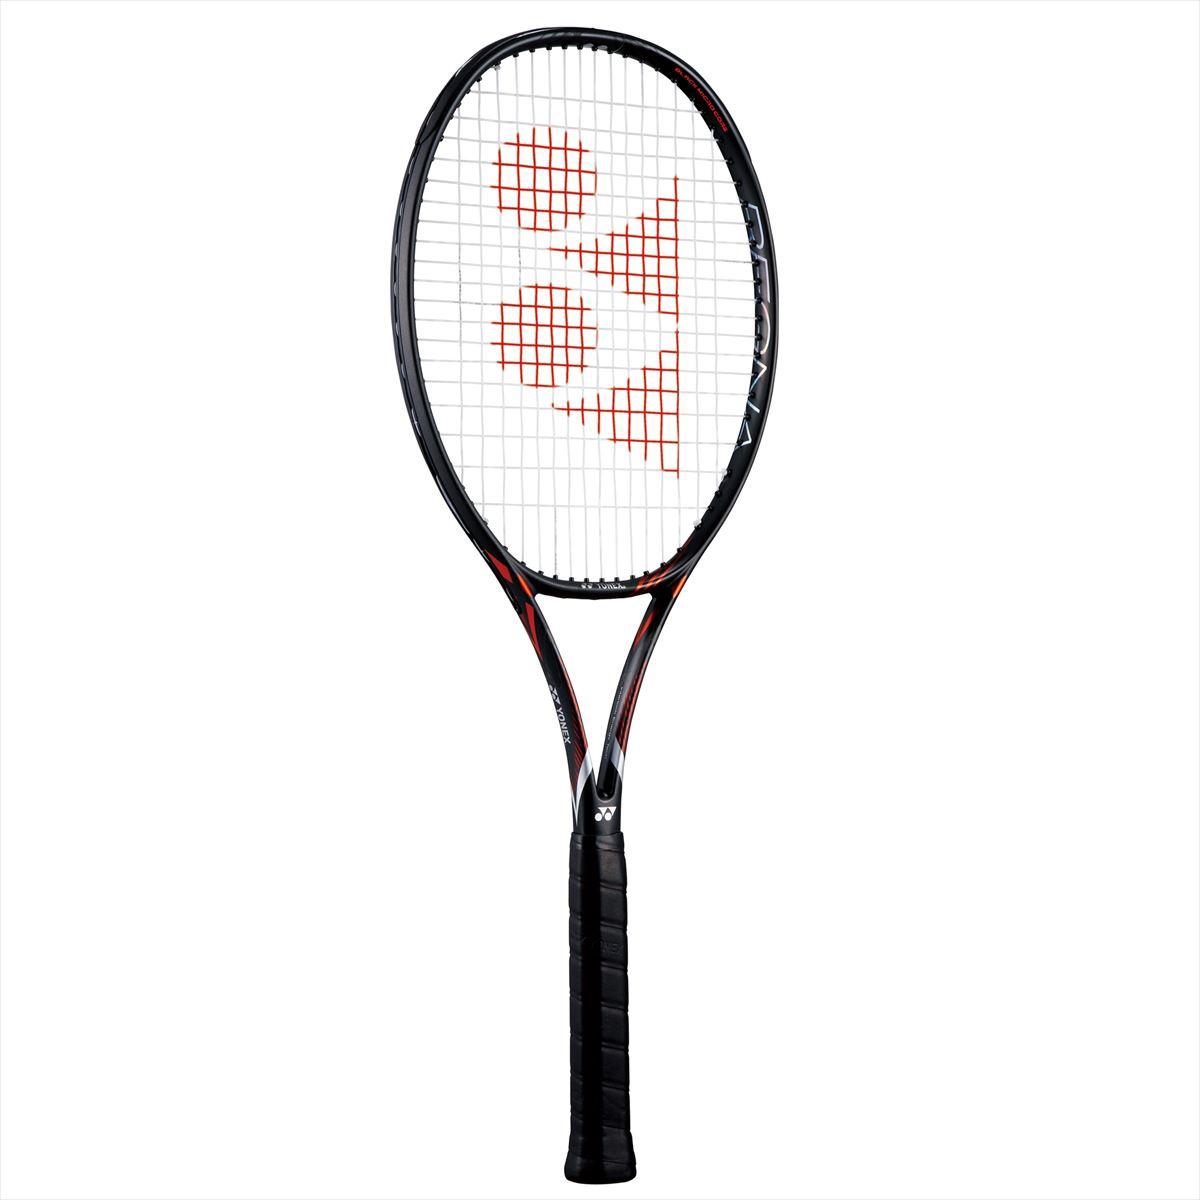 YONEX RGN100 テニスラケット レグナ100 ヨネックス【取り寄せ】